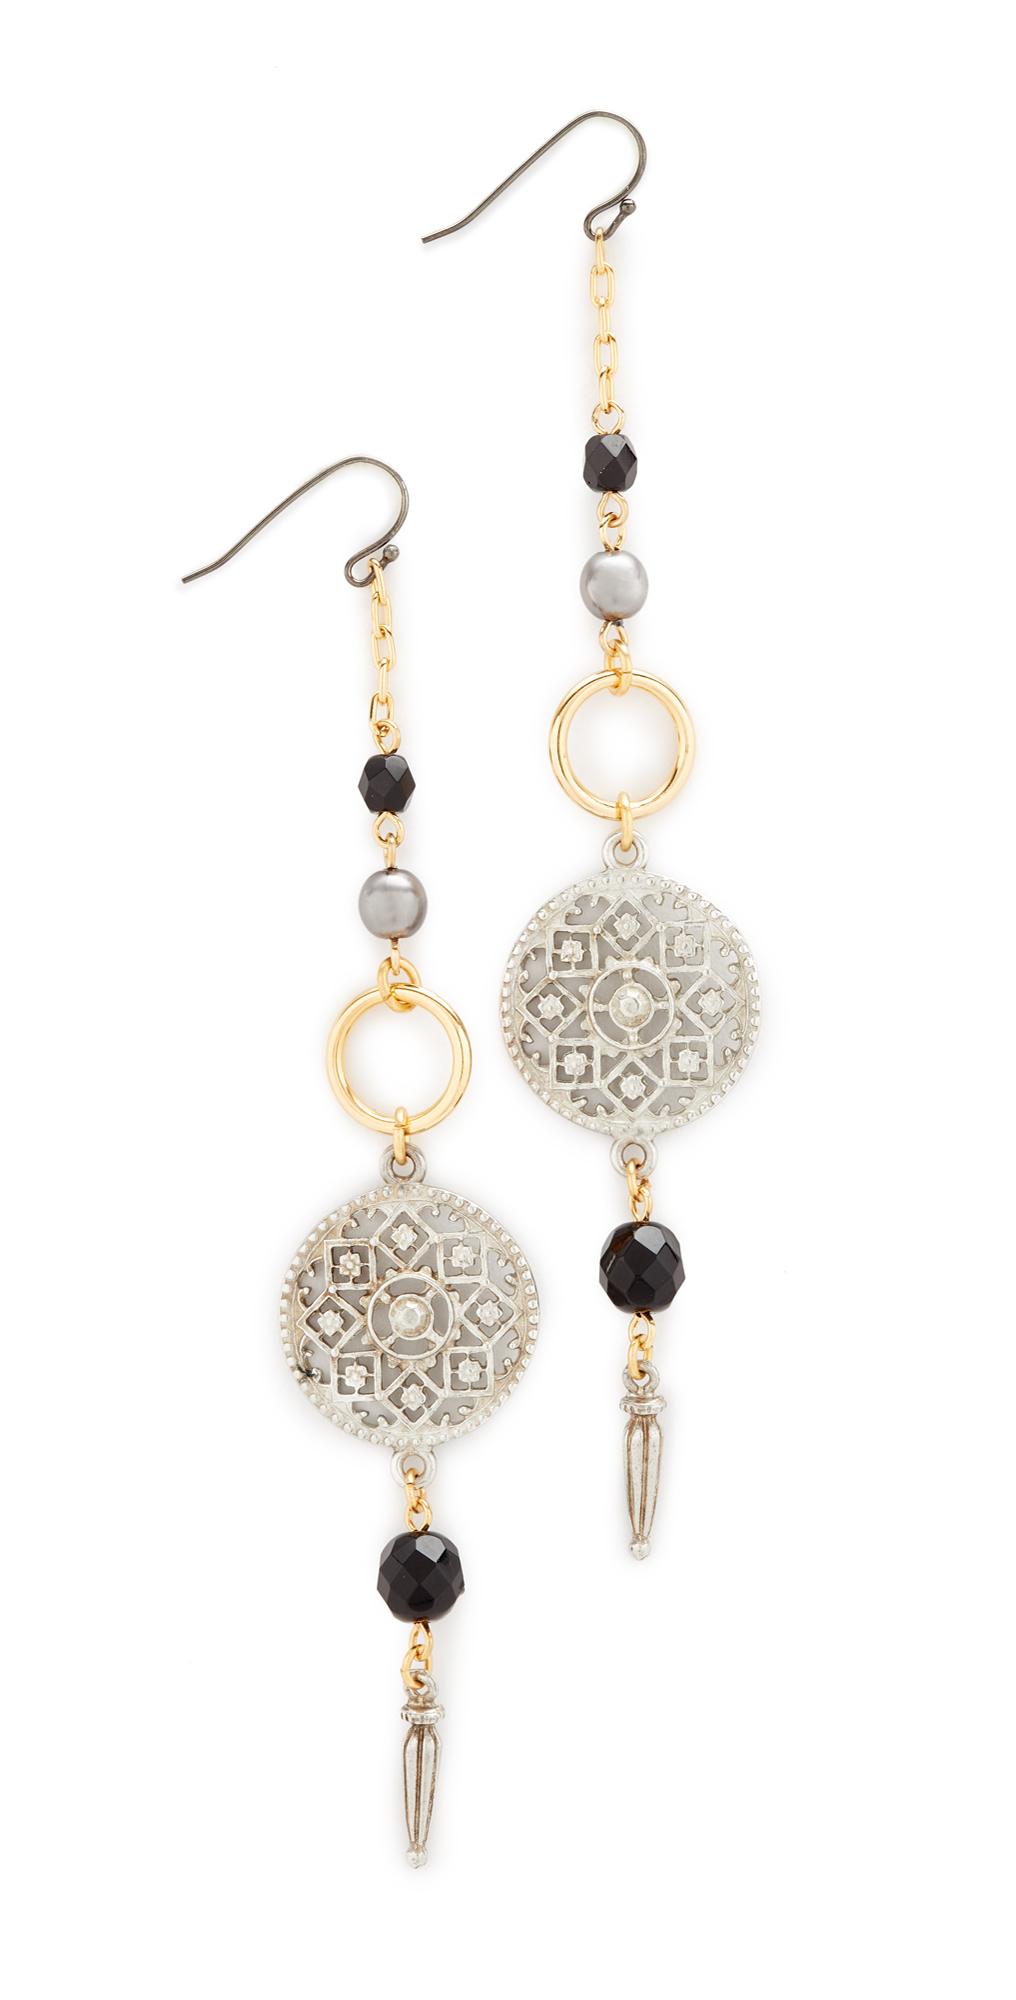 Circle Drop Fishook Earrings Ben-Amun